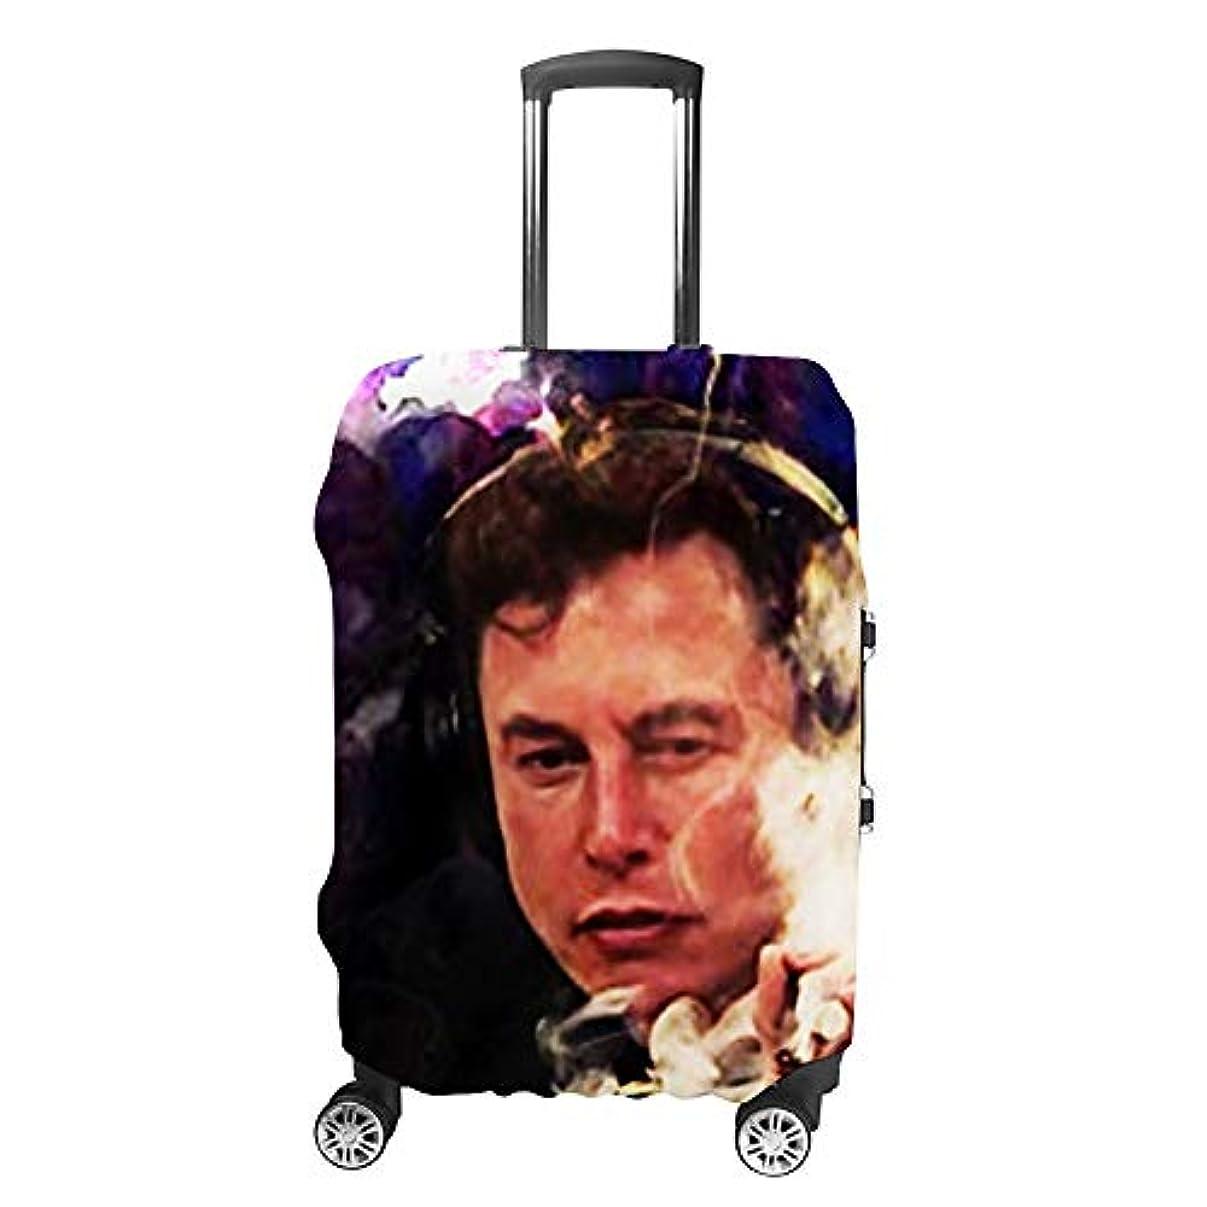 アフリカ煙突染料Elon Musk ファッション旅行荷物カバースーツケース荷物プロテクター旅行カバー男性用女性用